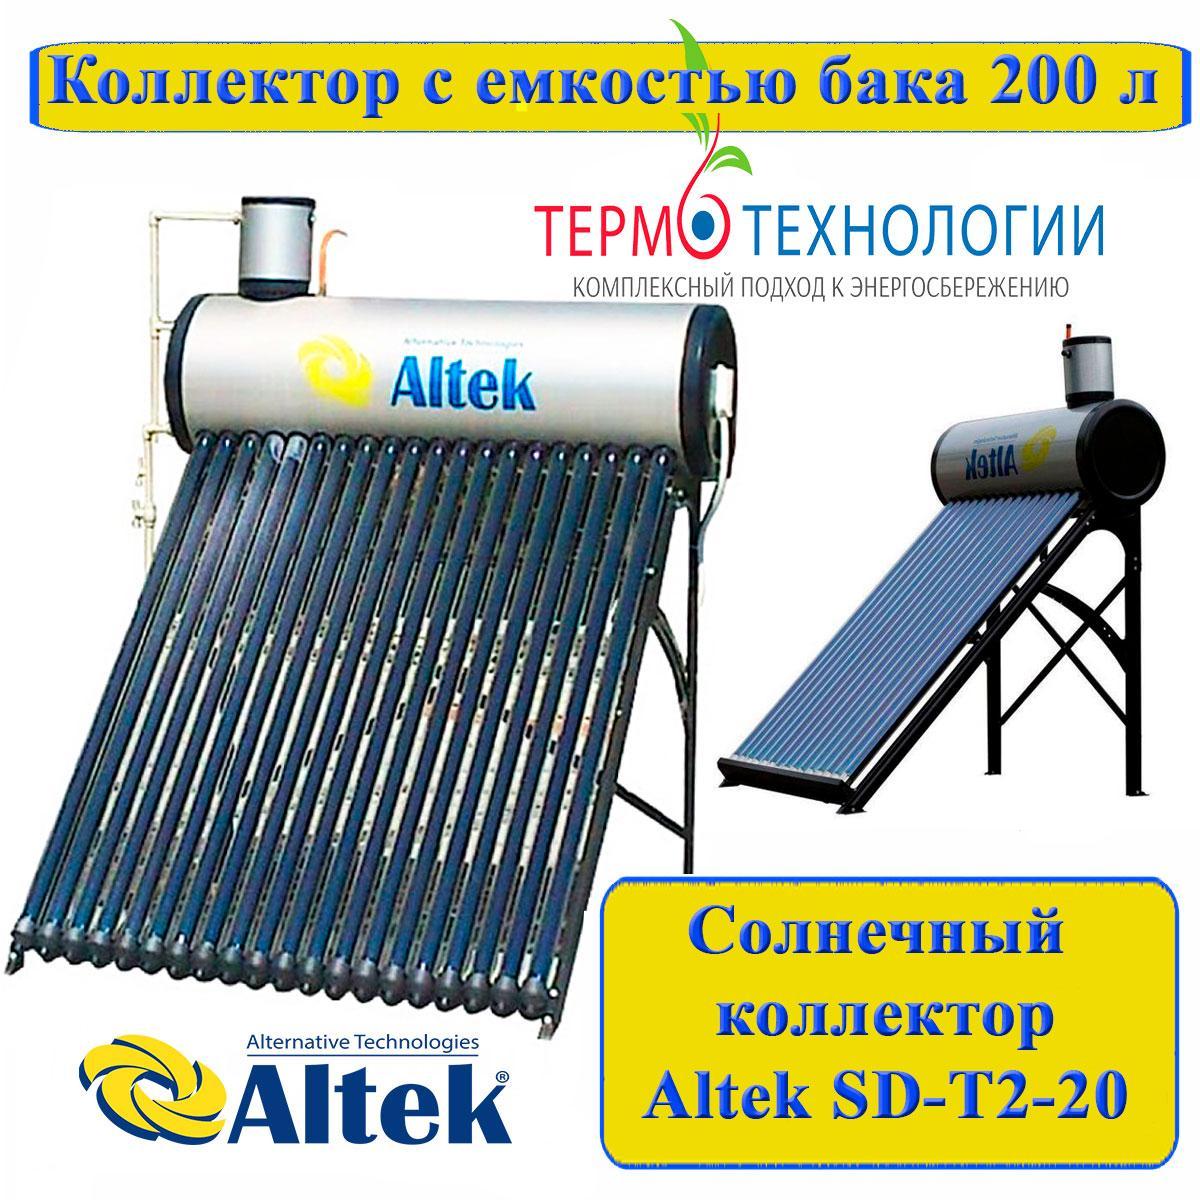 Солнечный коллектор Altek SD-T2-20 ГВС на 3-4 человека